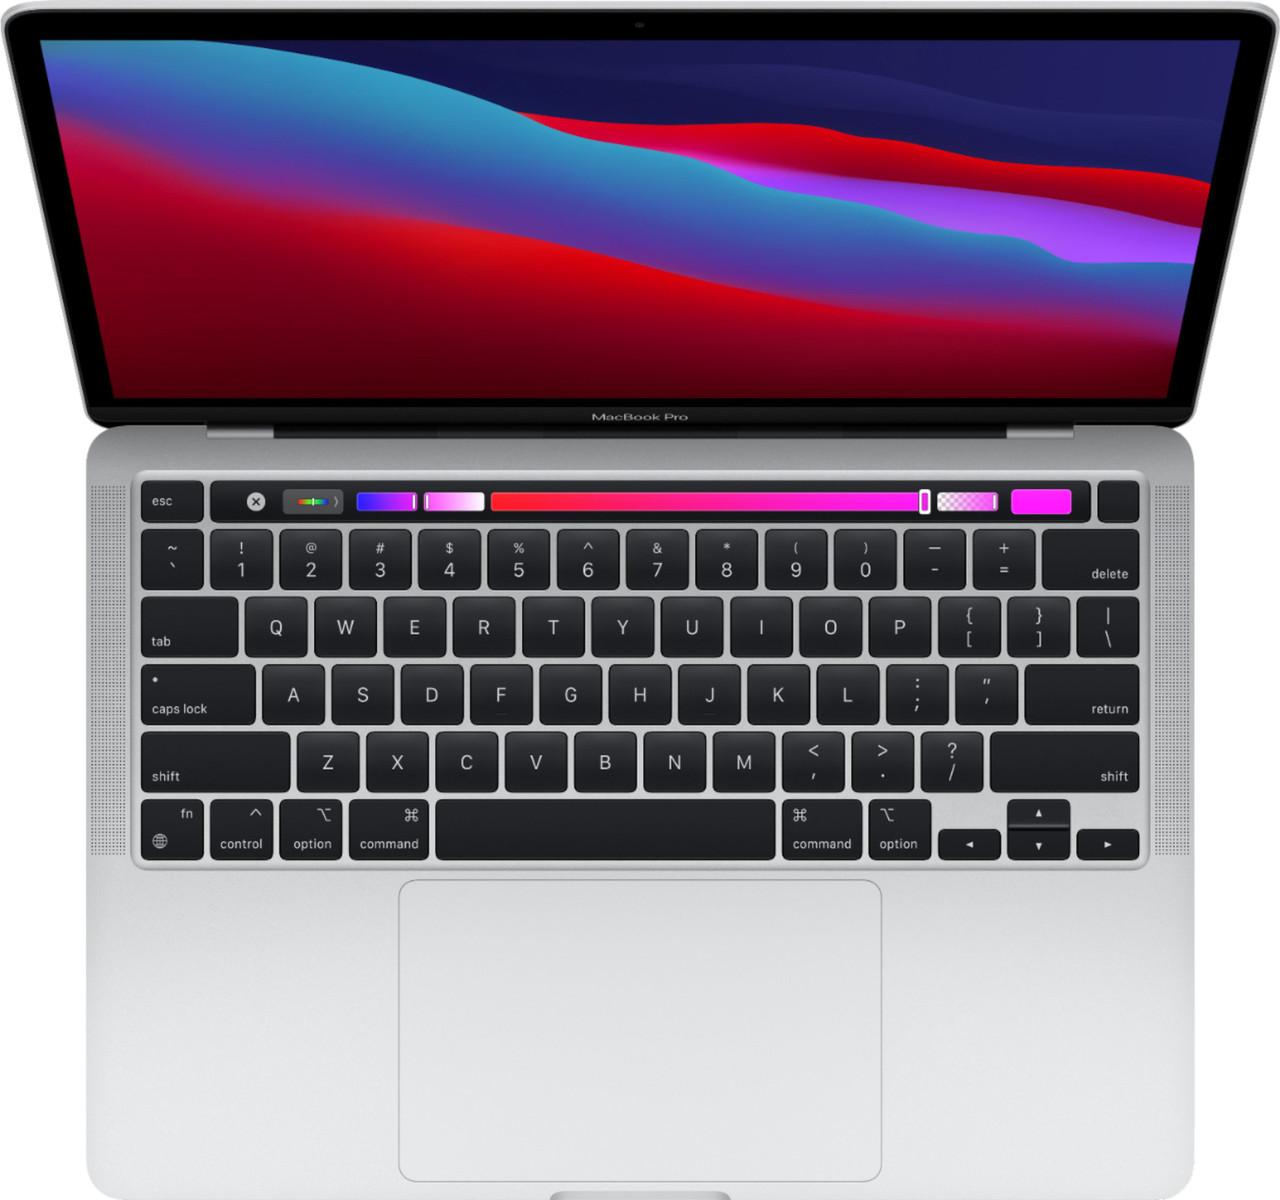 MacBook Pro  MYDC2LL/A   Apple M1 Chip (13-inch, 8GB RAM, 512GB SSD Storage)   AYOUB COMPUTERS